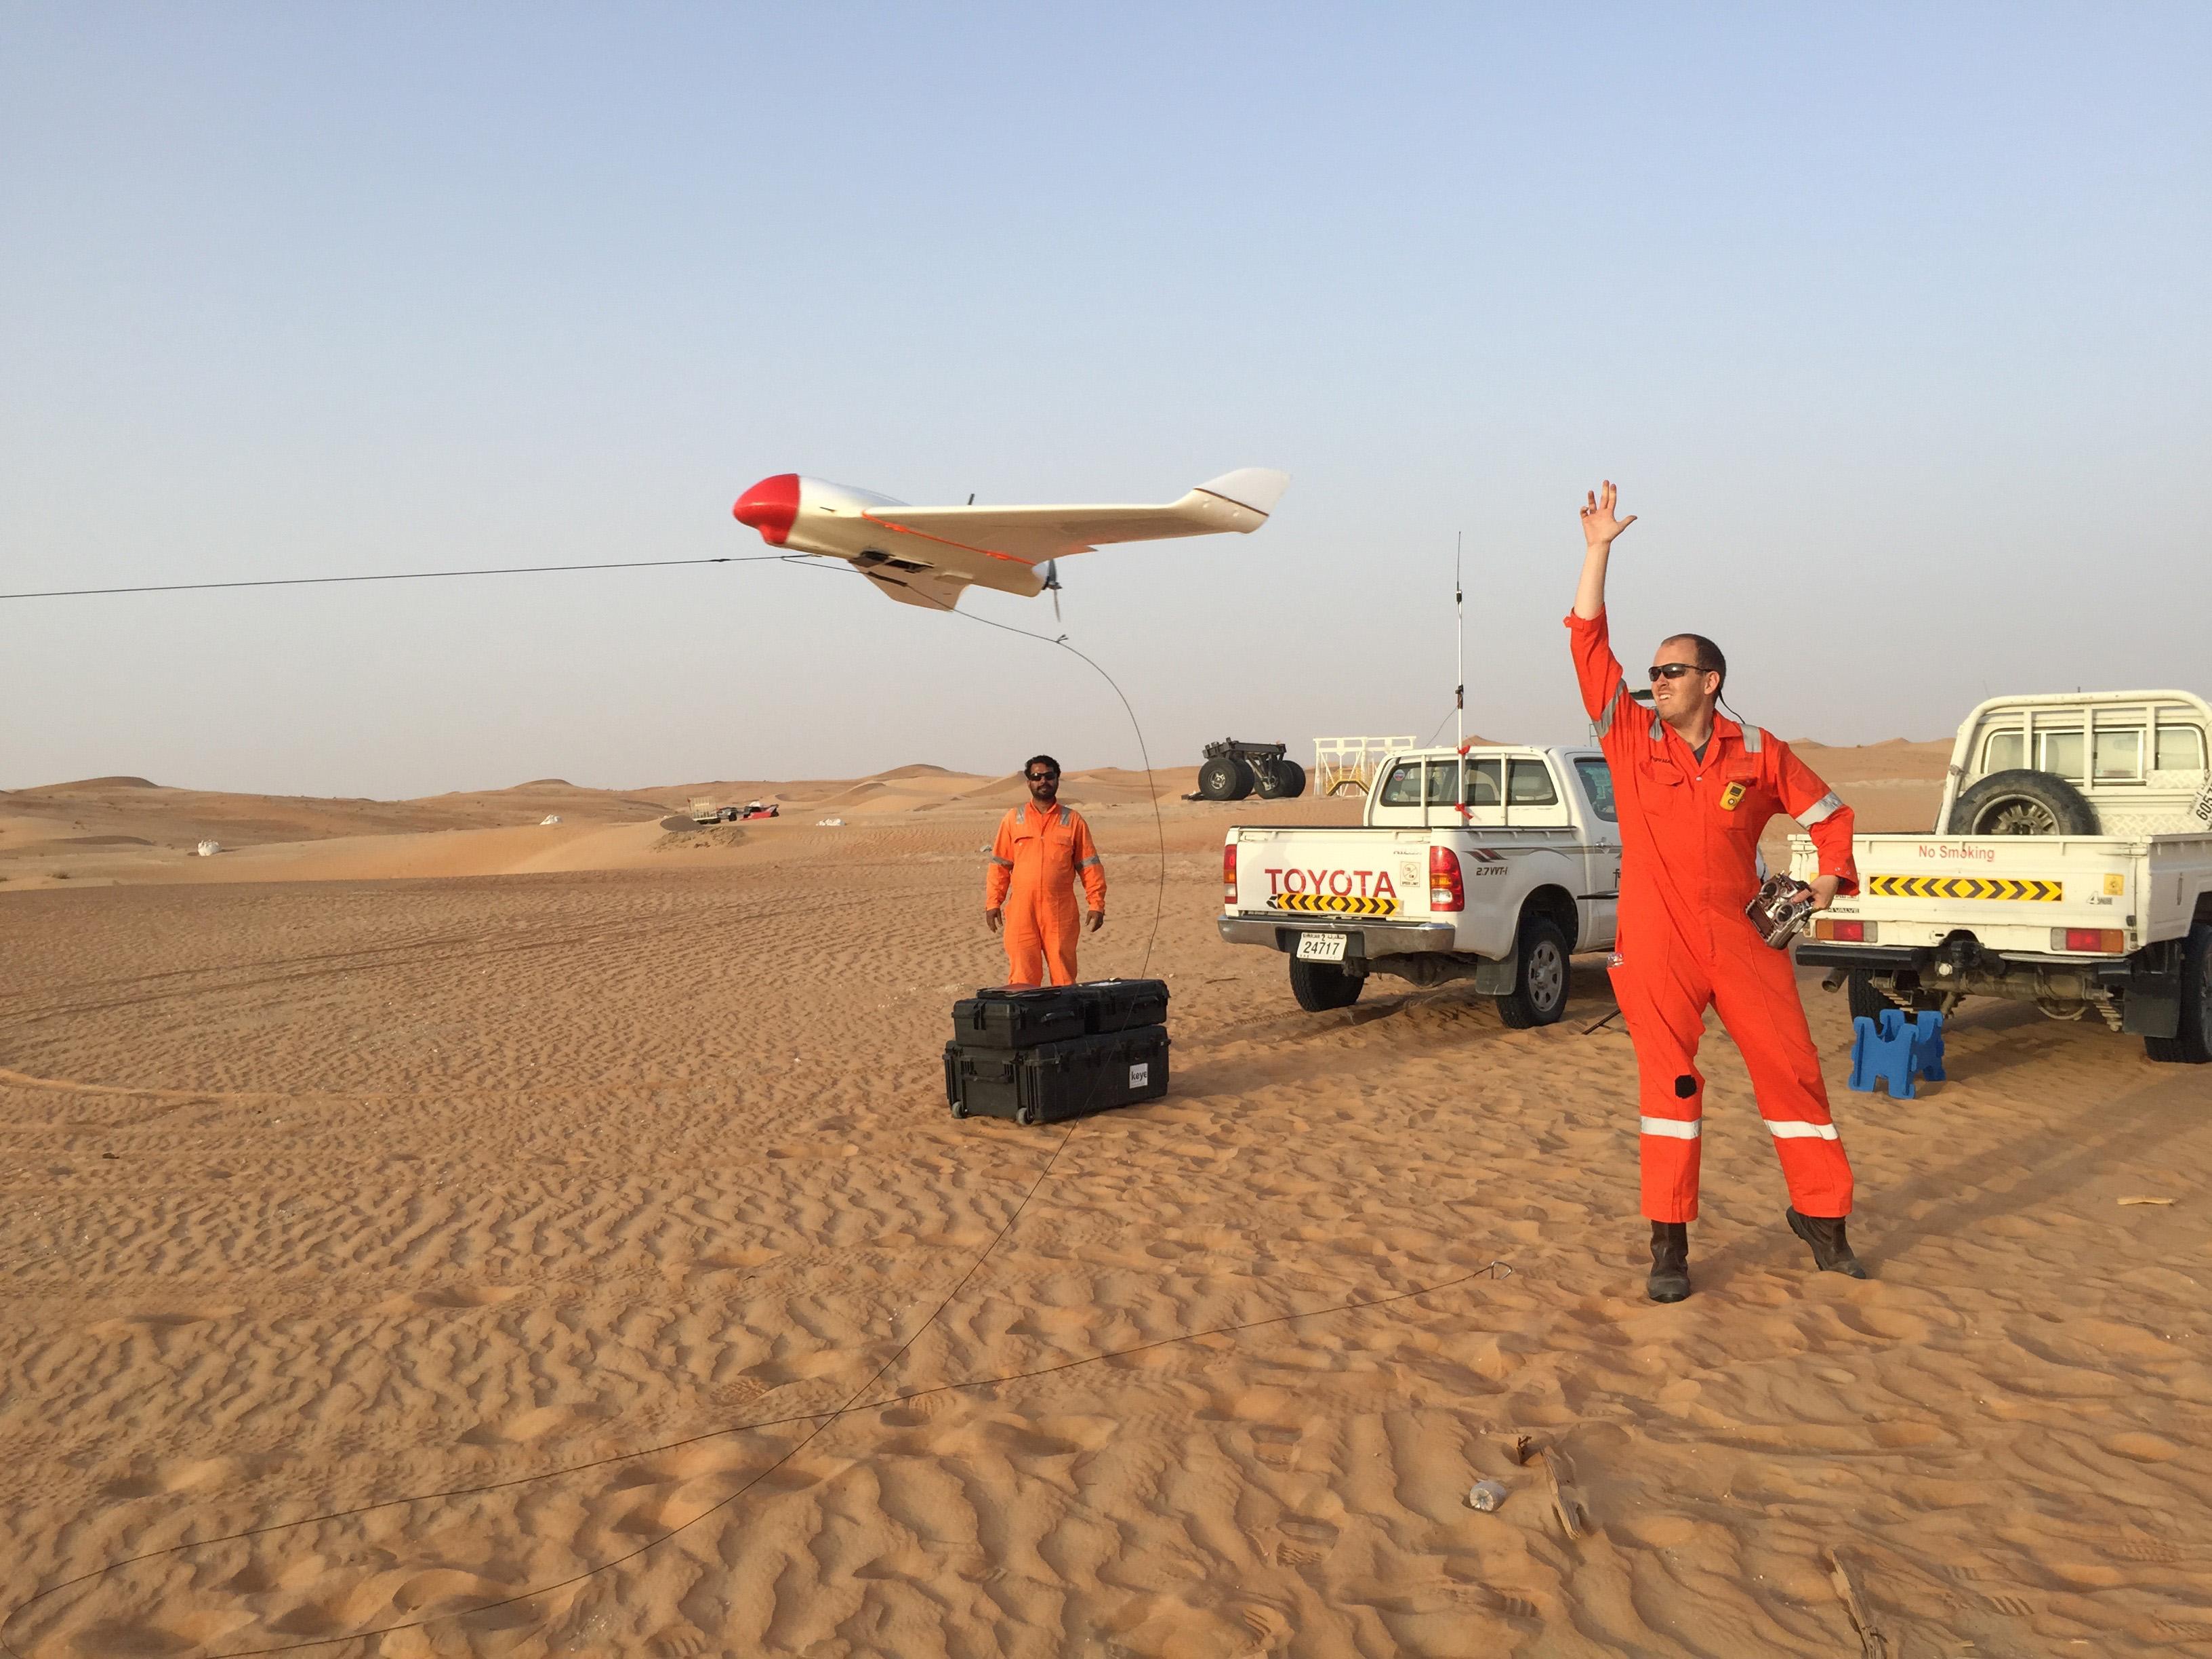 Vermessung-Abu-Dabi-Wüste-Referenz-1070